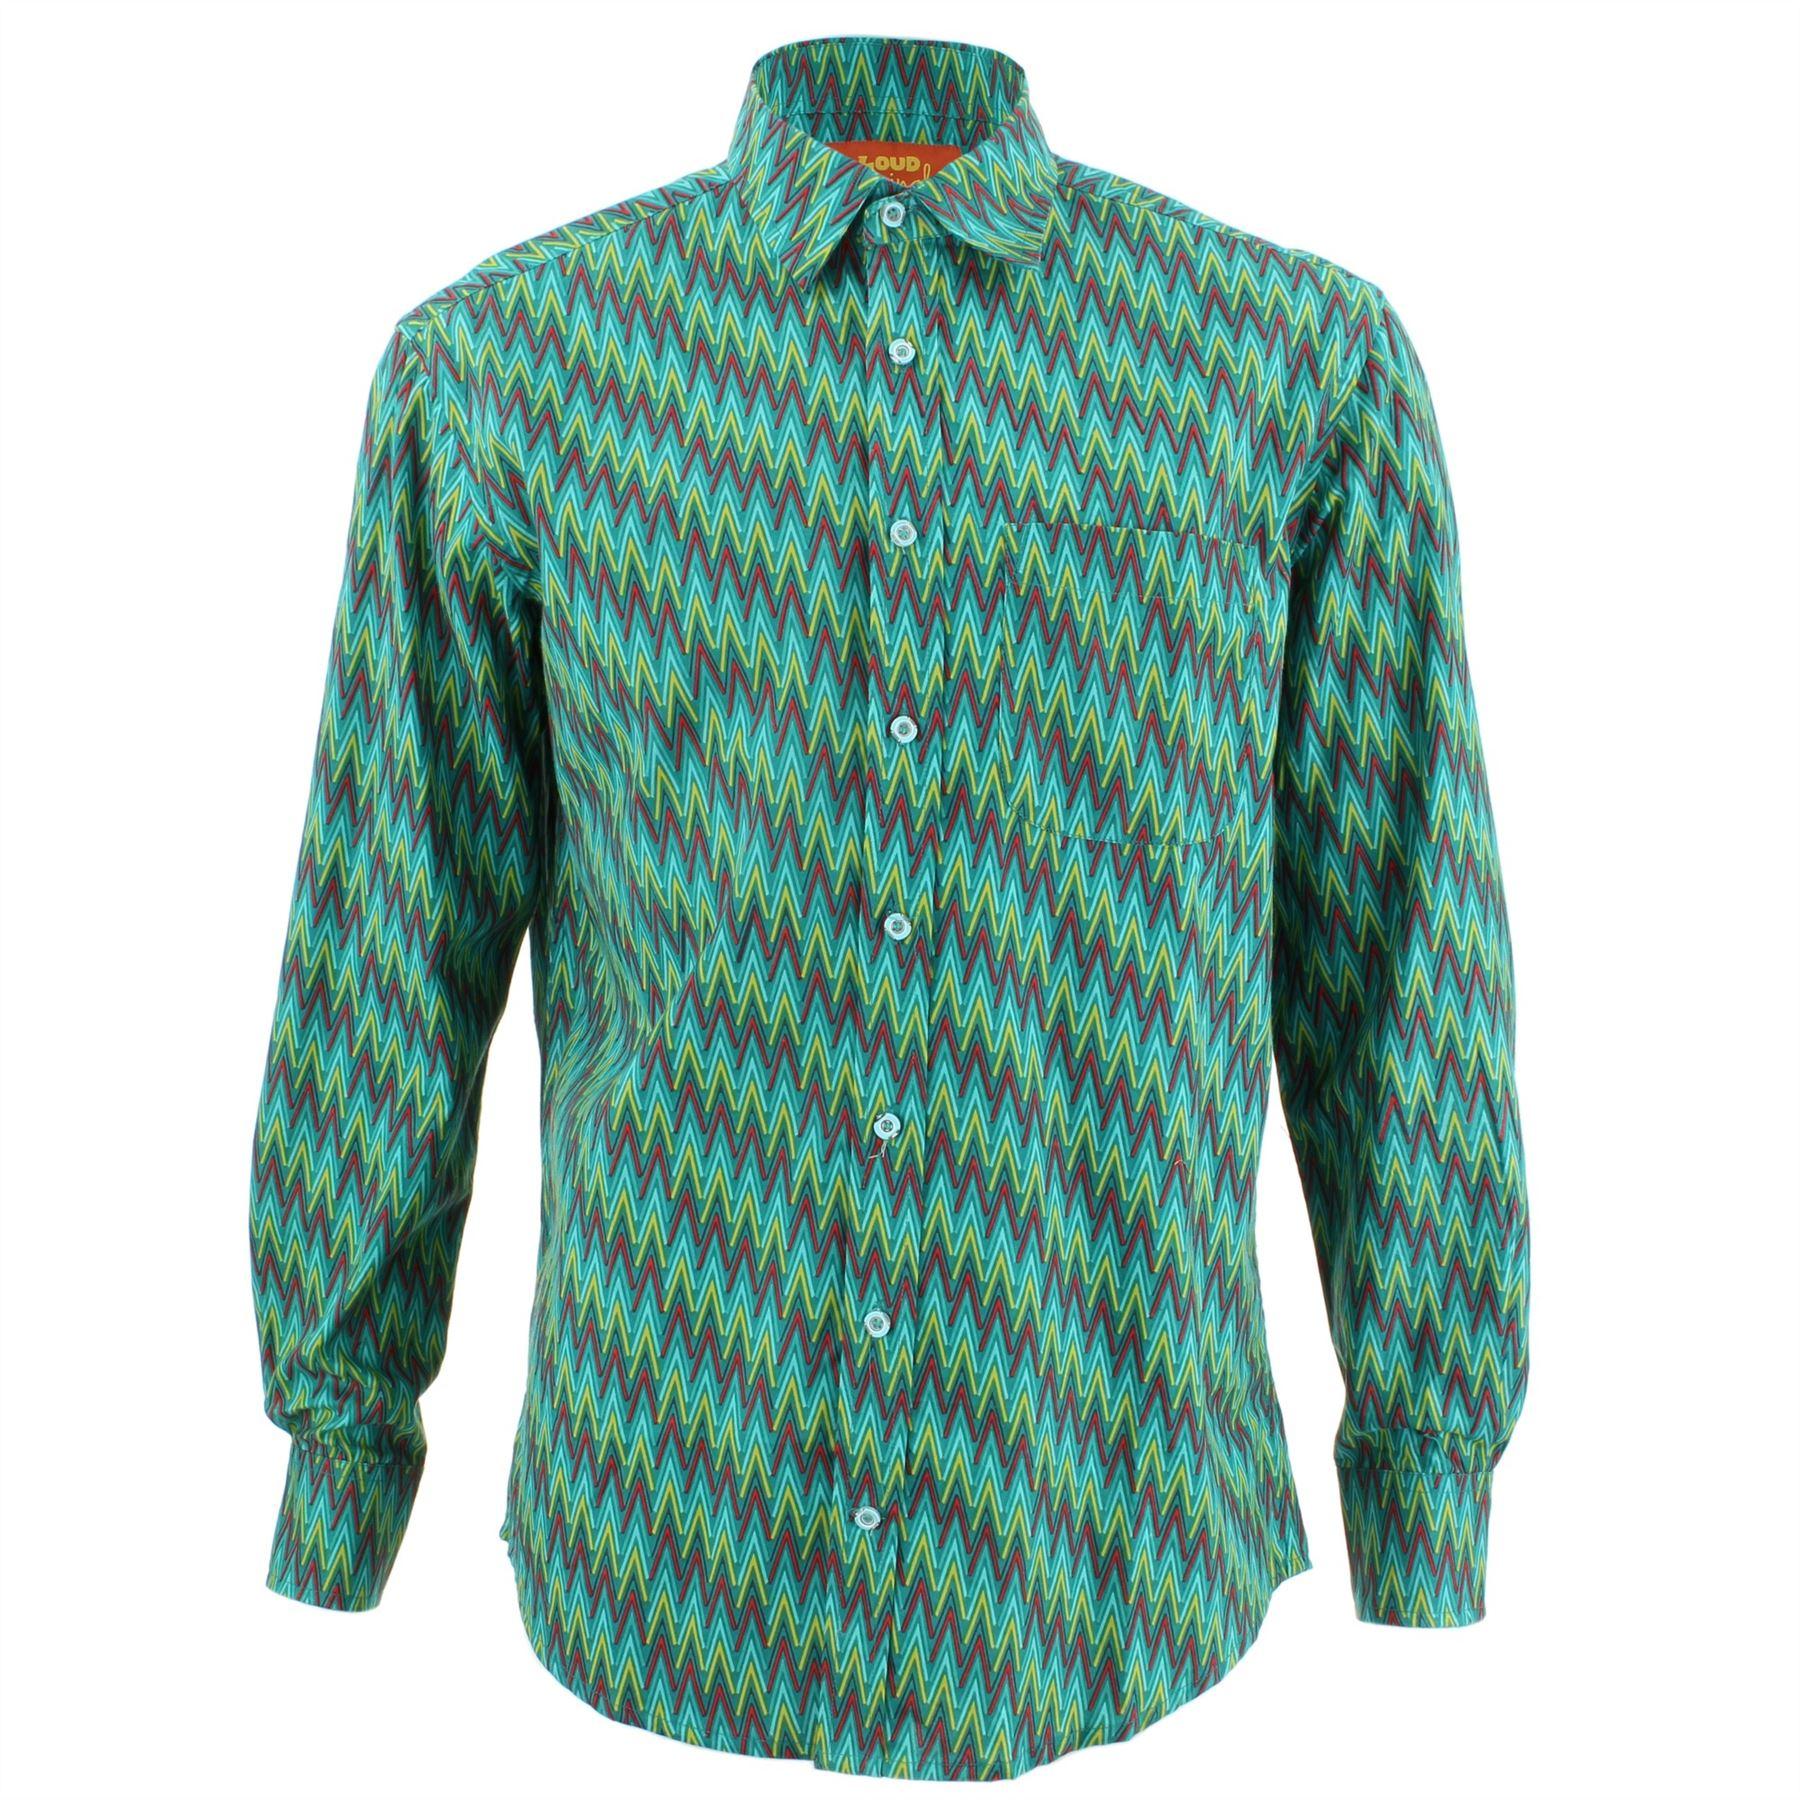 Men/'s Loud Shirt REGULAR FIT Zig Zag Green Retro Psychedelic Fancy